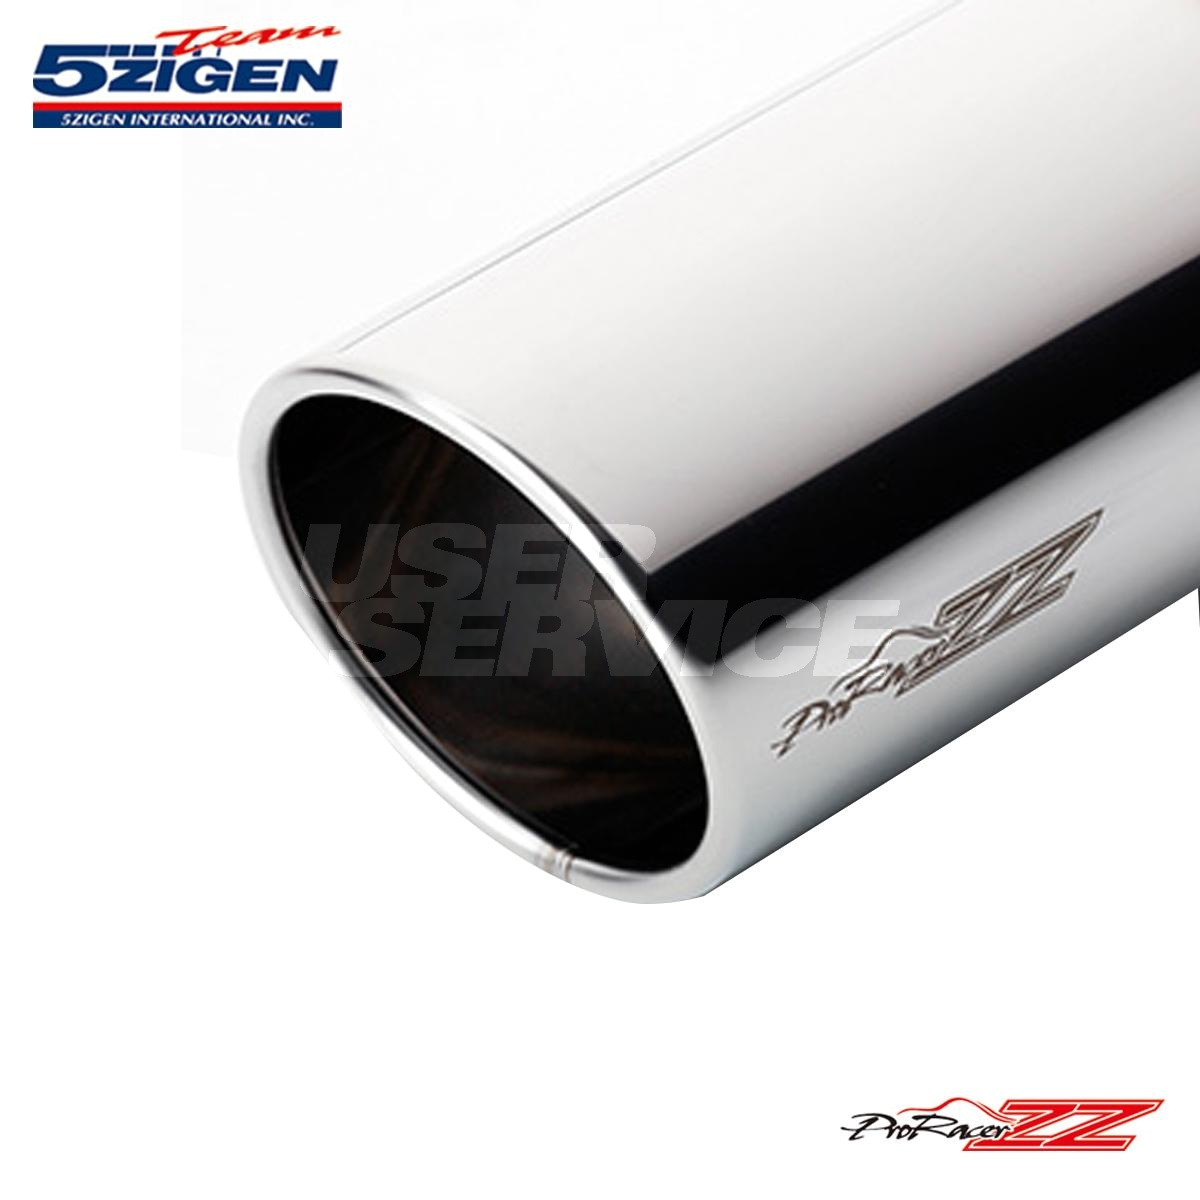 5次元 プロレーサーZZ パルサーGTI-R E-RNN14 マフラー 品番:PZN-010 5ZIGEN